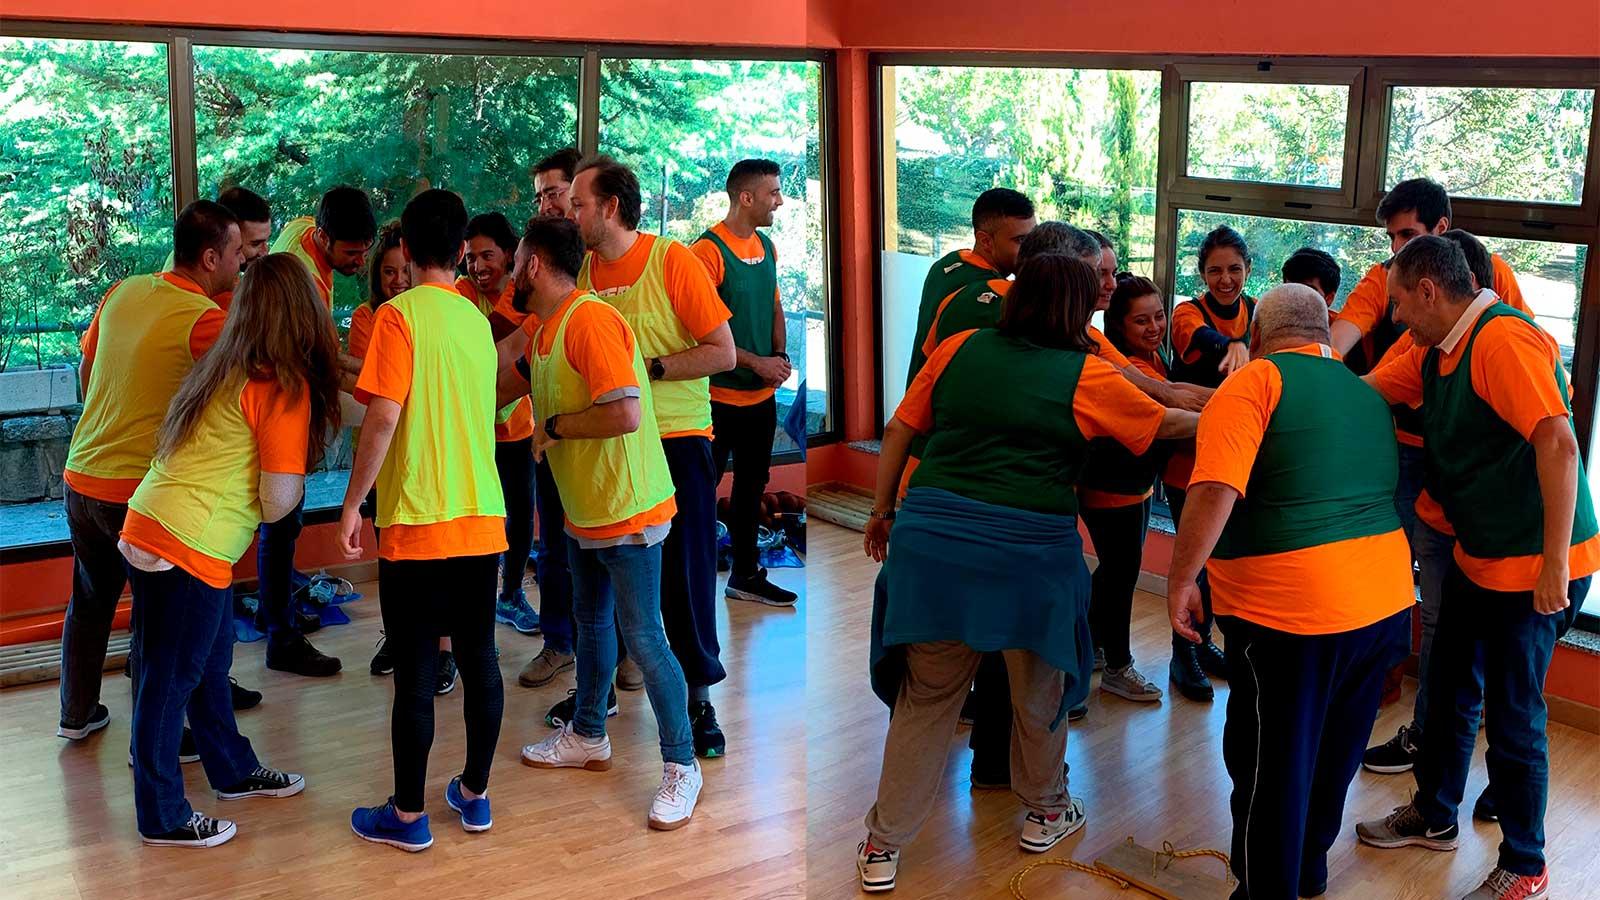 Formando equipo en el Team Building de Walmeric